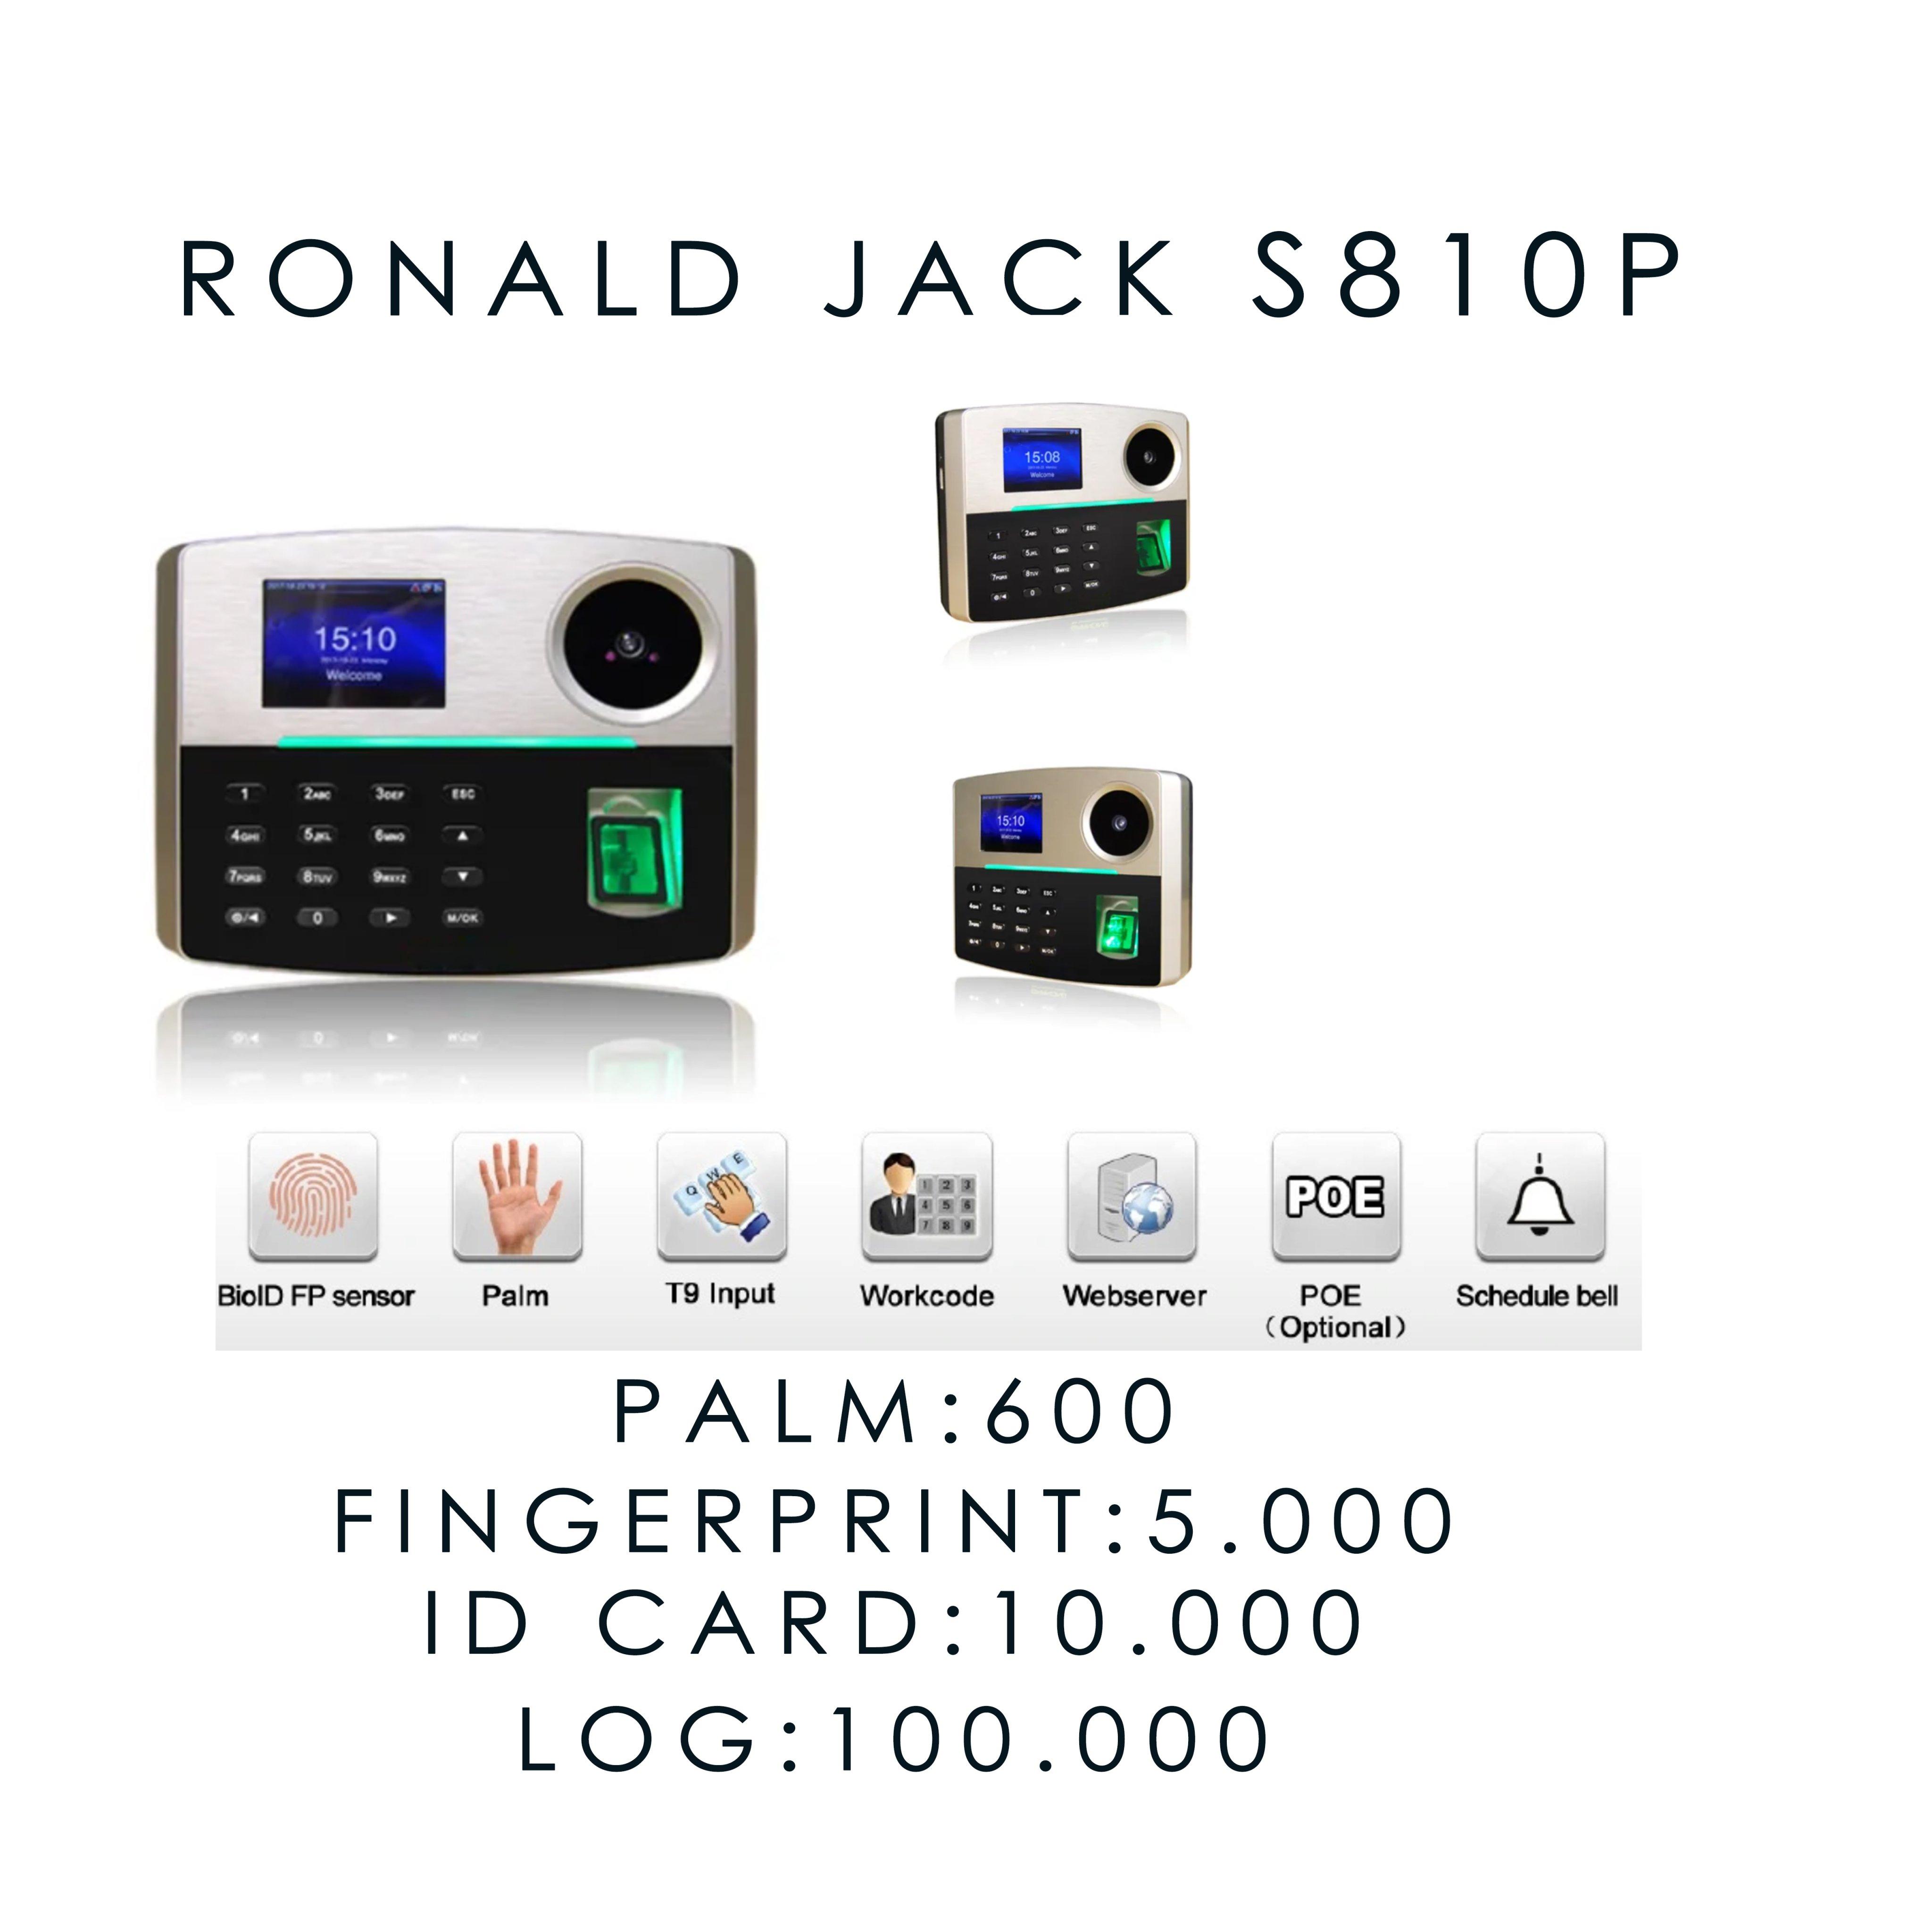 Ronald Jack S810P